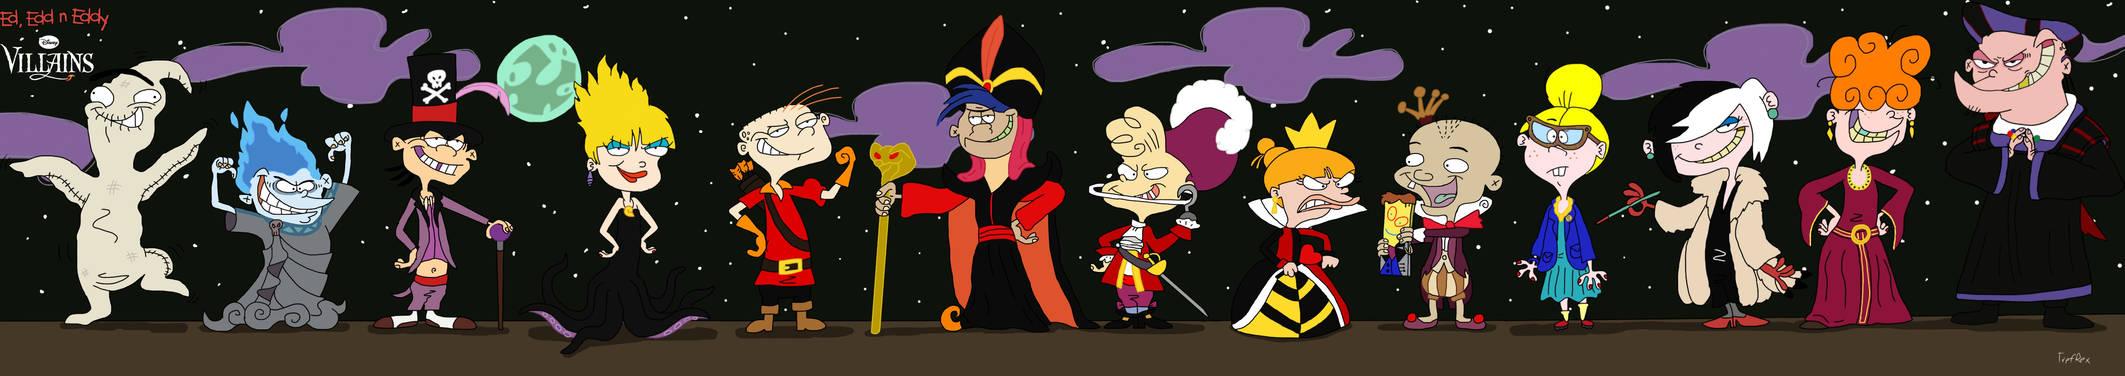 Ed, Edd n Eddy as Disney Villains